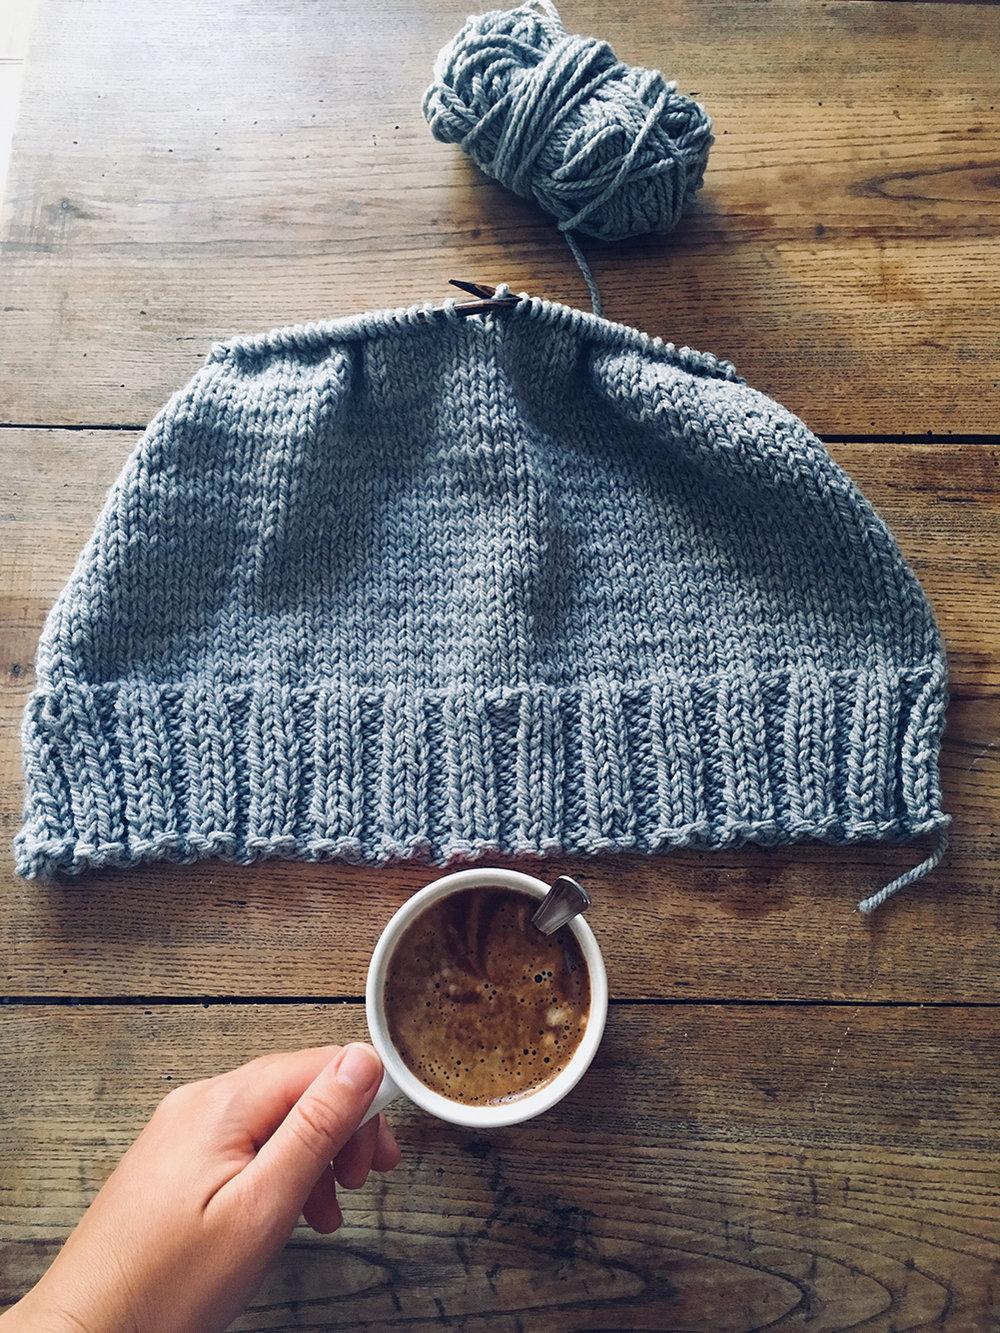 wool_done_knitting_prym_6.jpg